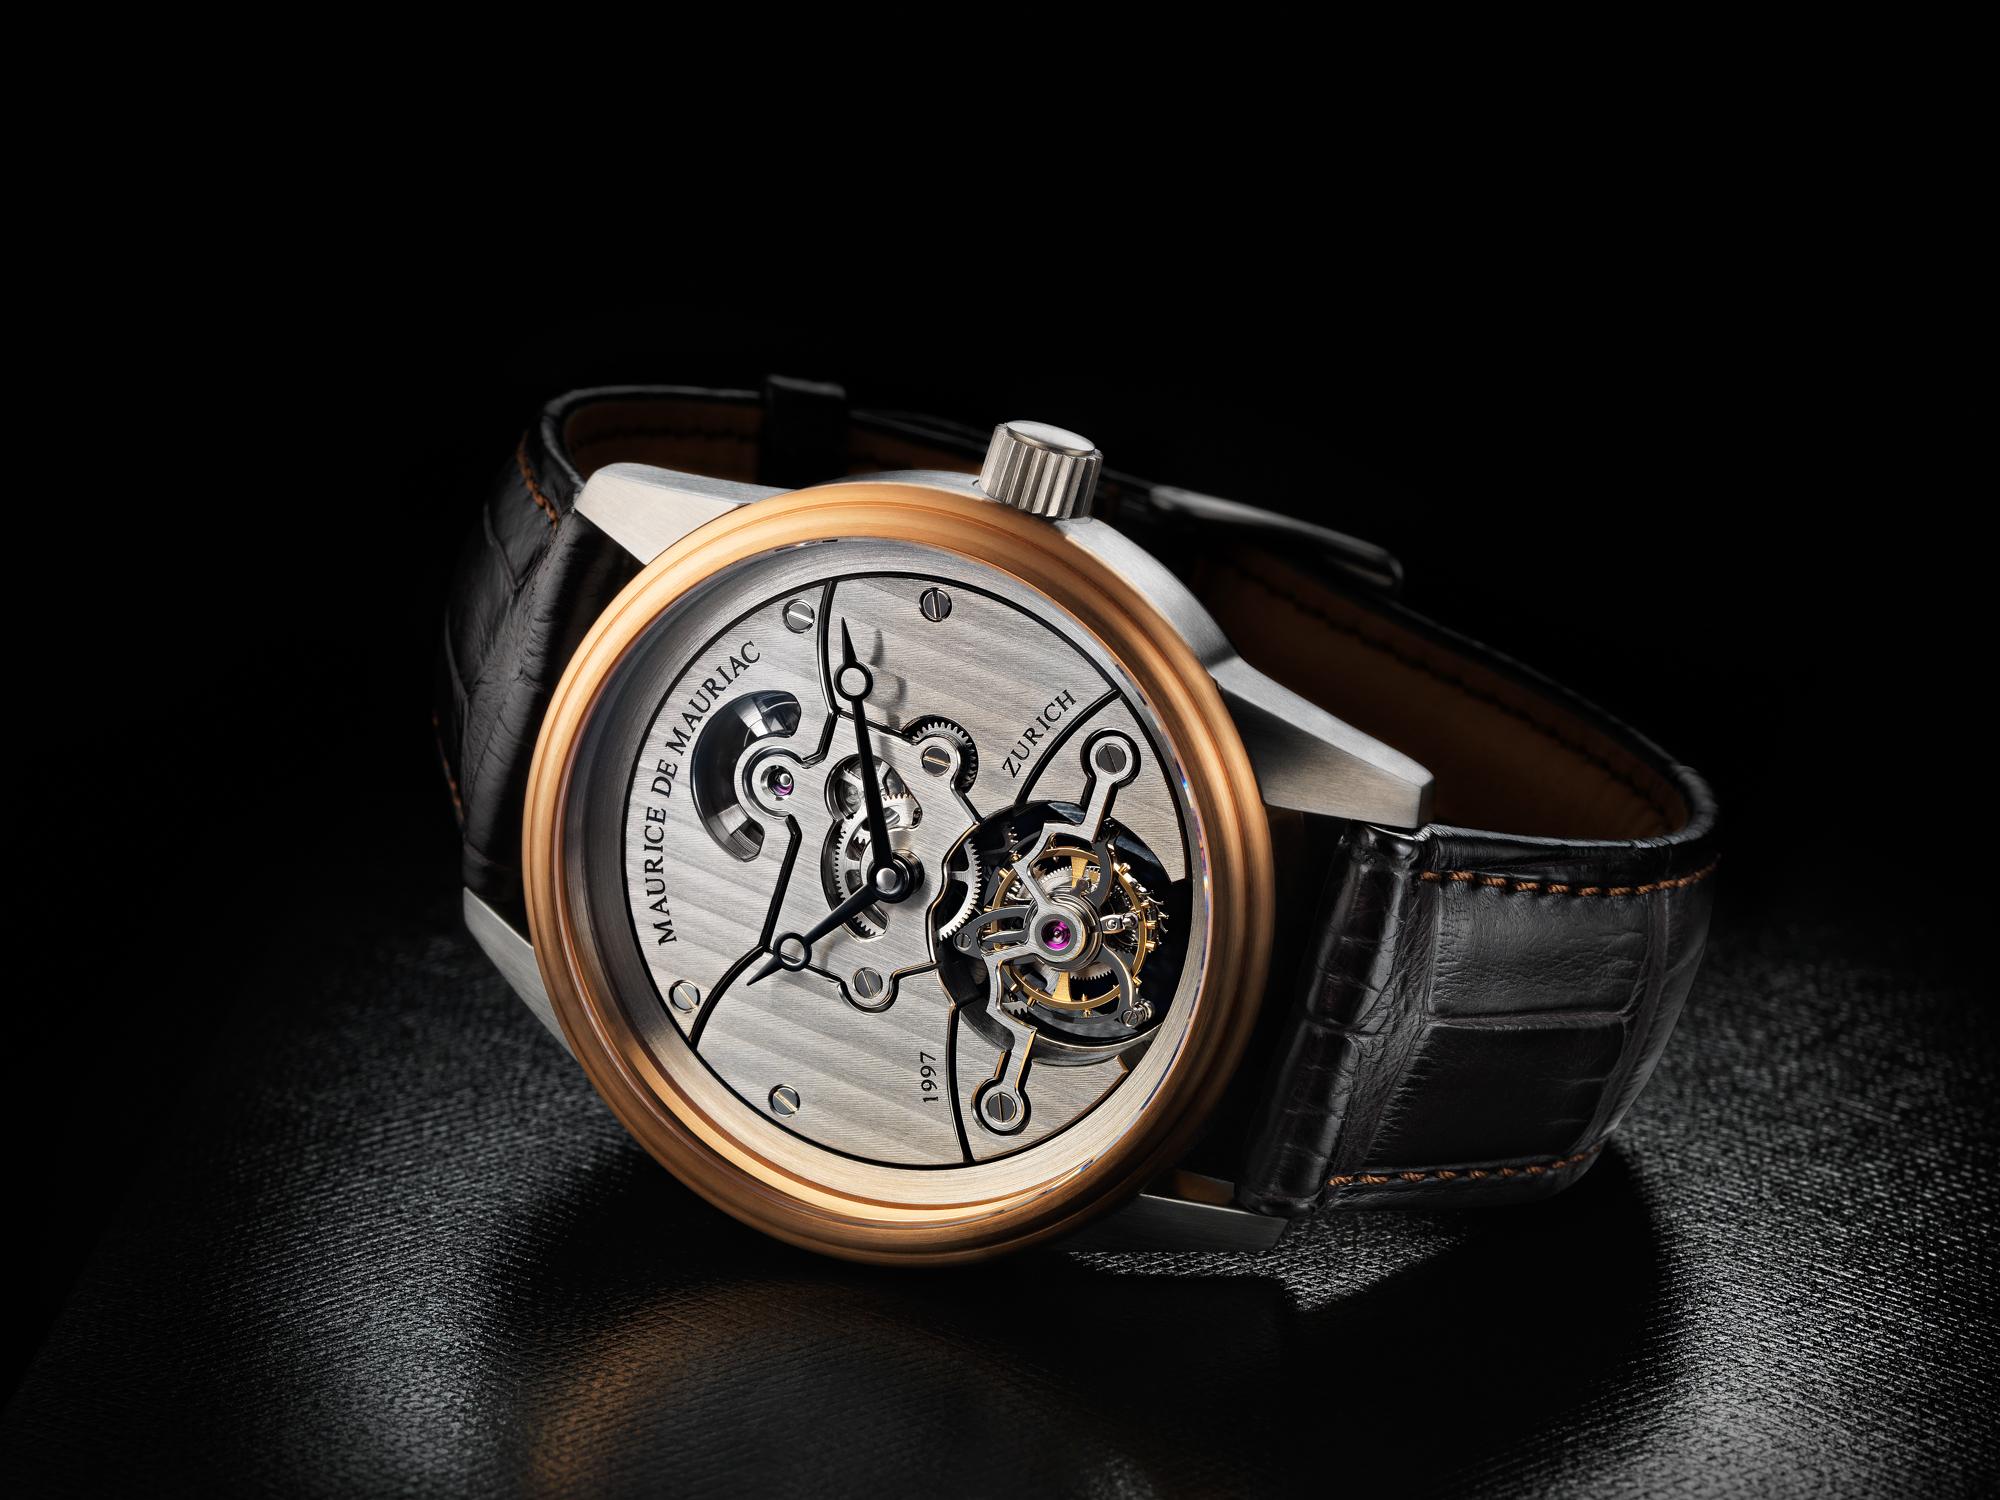 Maurice de Mauriac Watches, Uhrenfotografie, Zürich, Schweiz